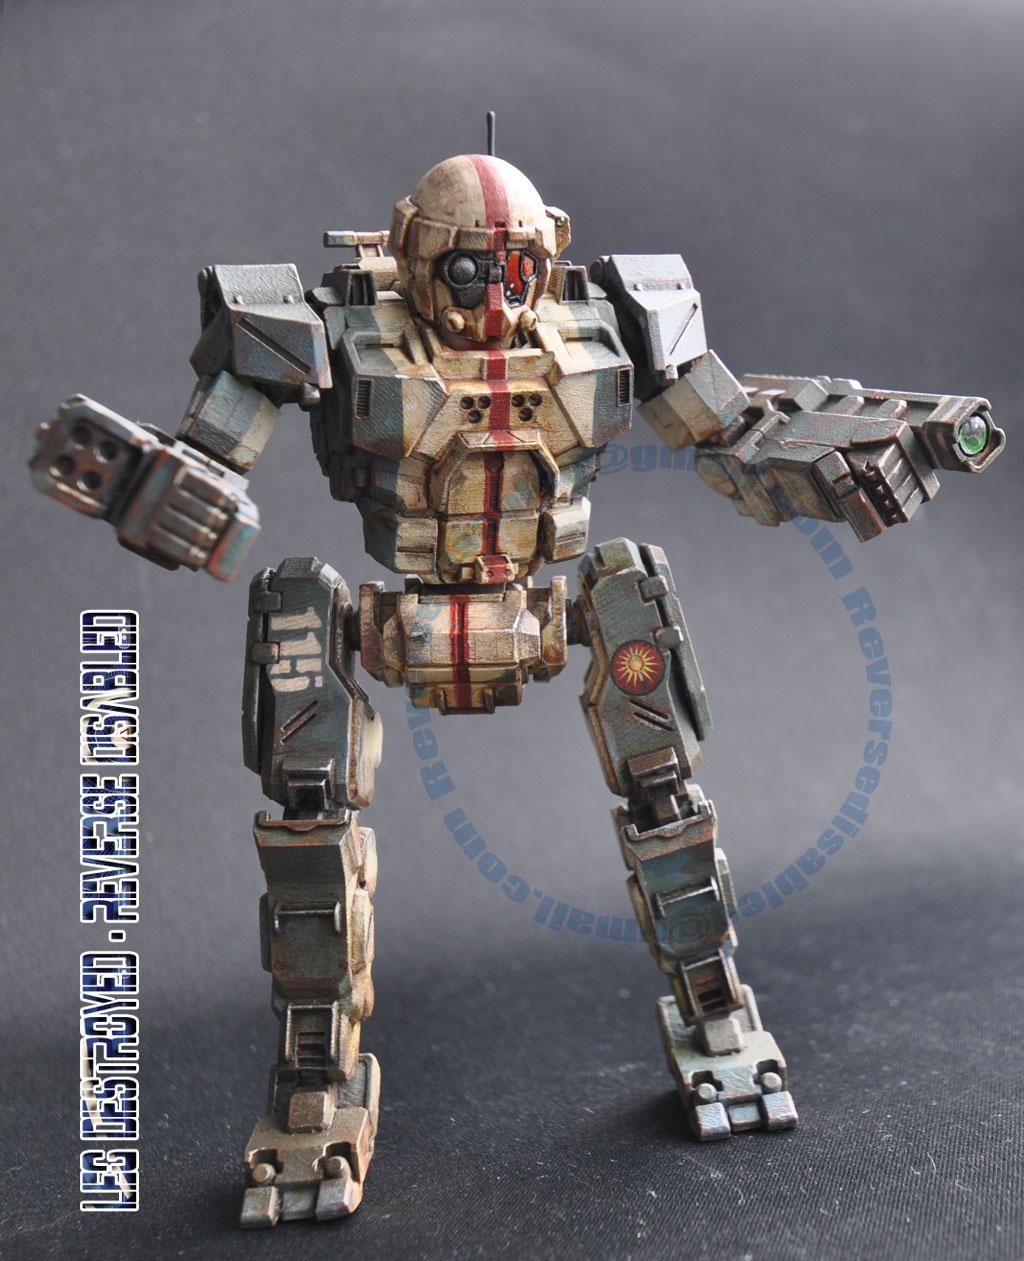 http://4.bp.blogspot.com/-foeaCcwzYUY/UUbjTUhR6uI/AAAAAAAAA80/CxXAF8o8tUQ/s1600/commando_Side2_WM.jpg